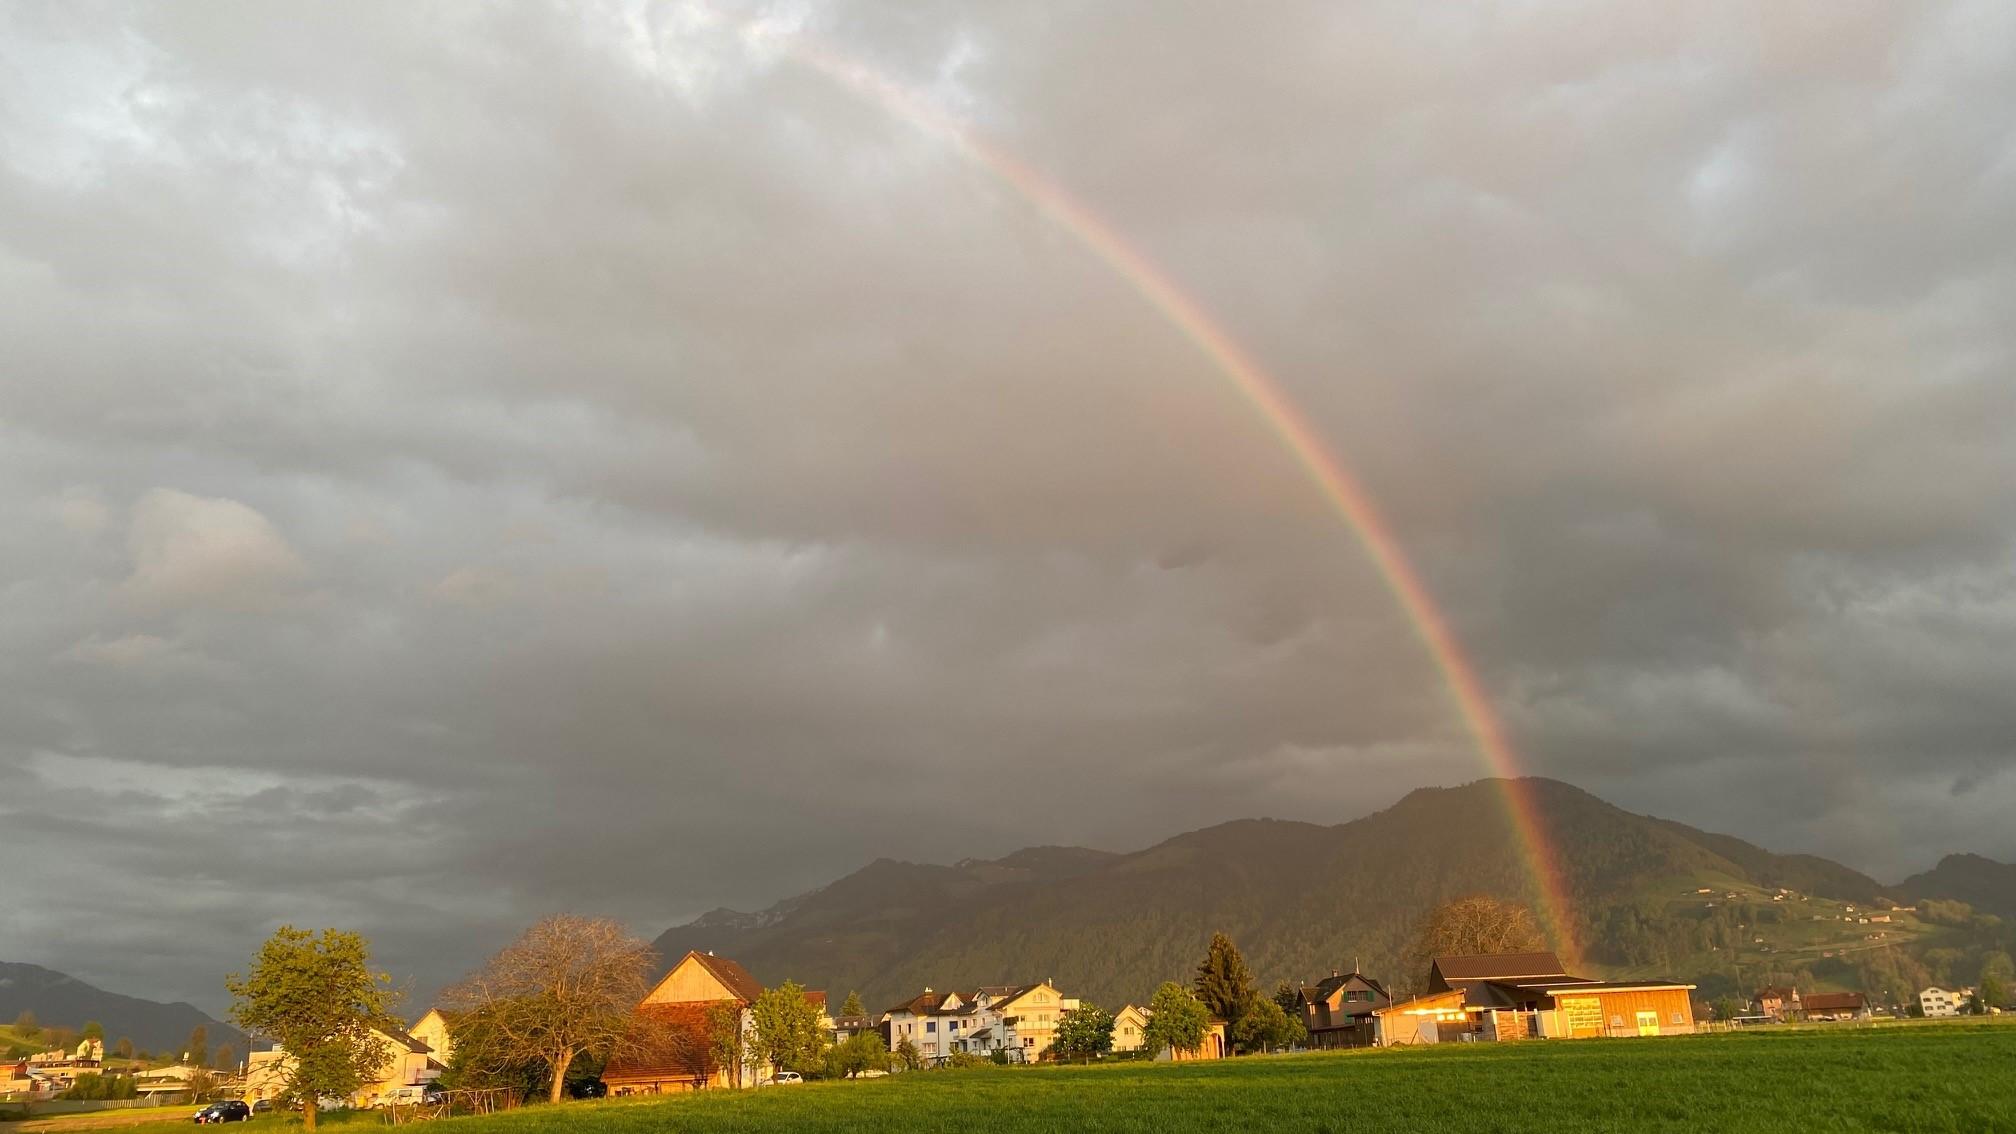 Regen + Sonnenschein = Regenbogen